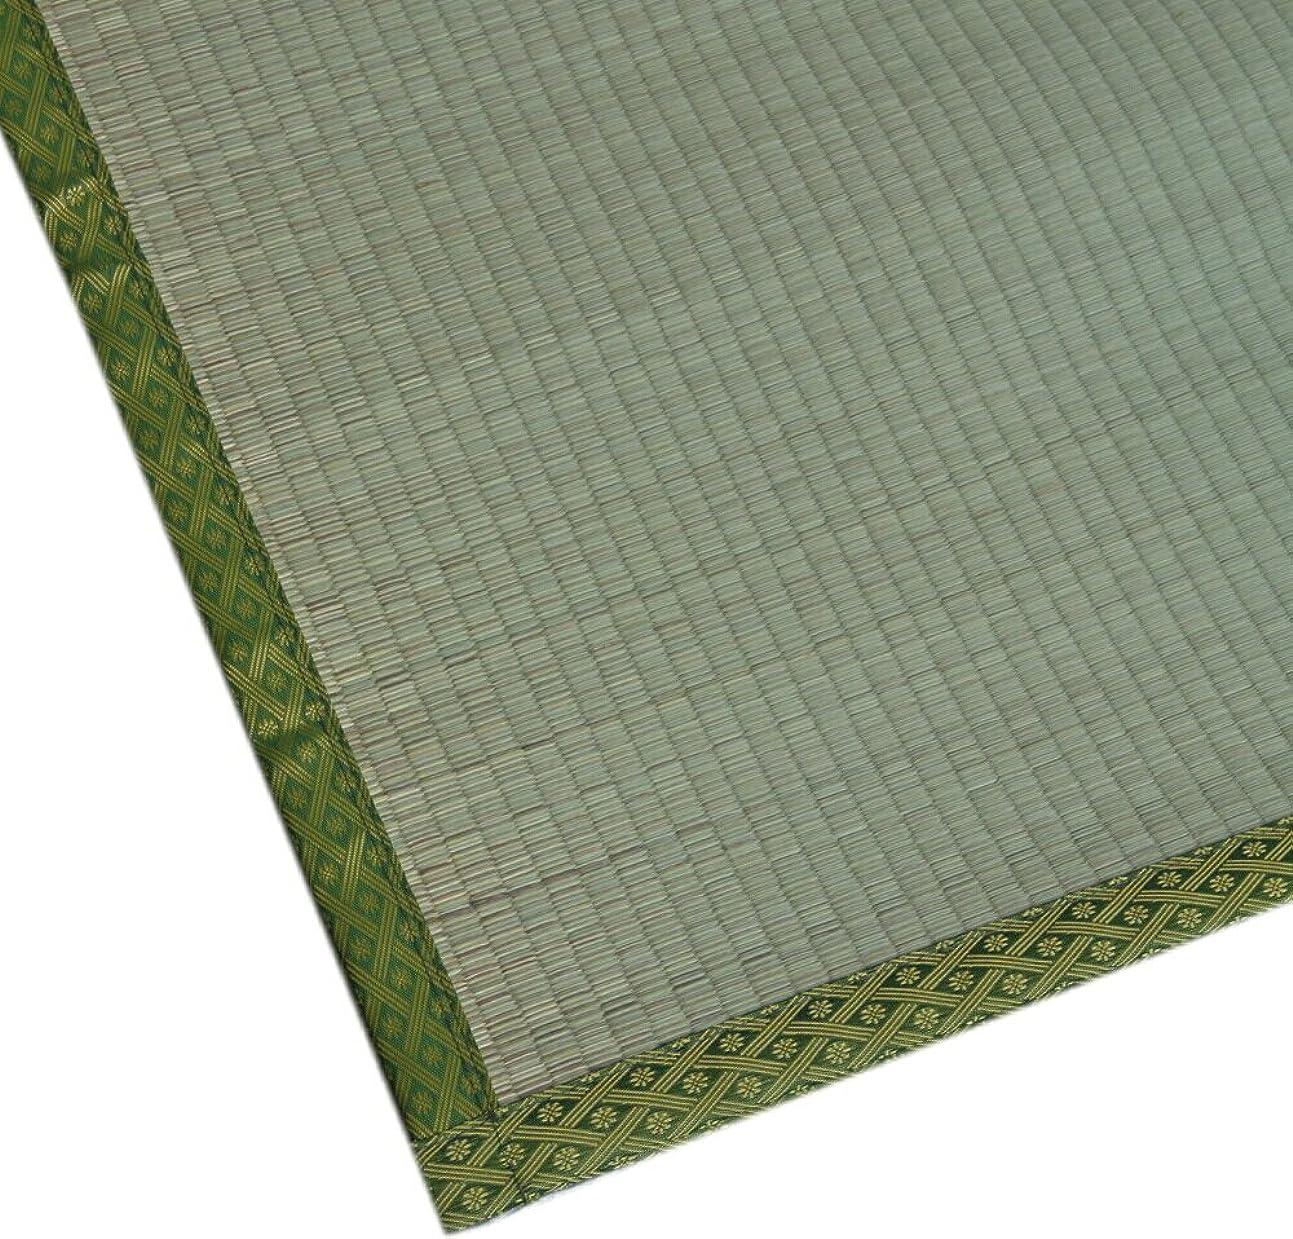 職業散歩うるさい純国産い草上敷 熊本県産い草使用 双目織 「有明」 本間6畳(286x382cm)